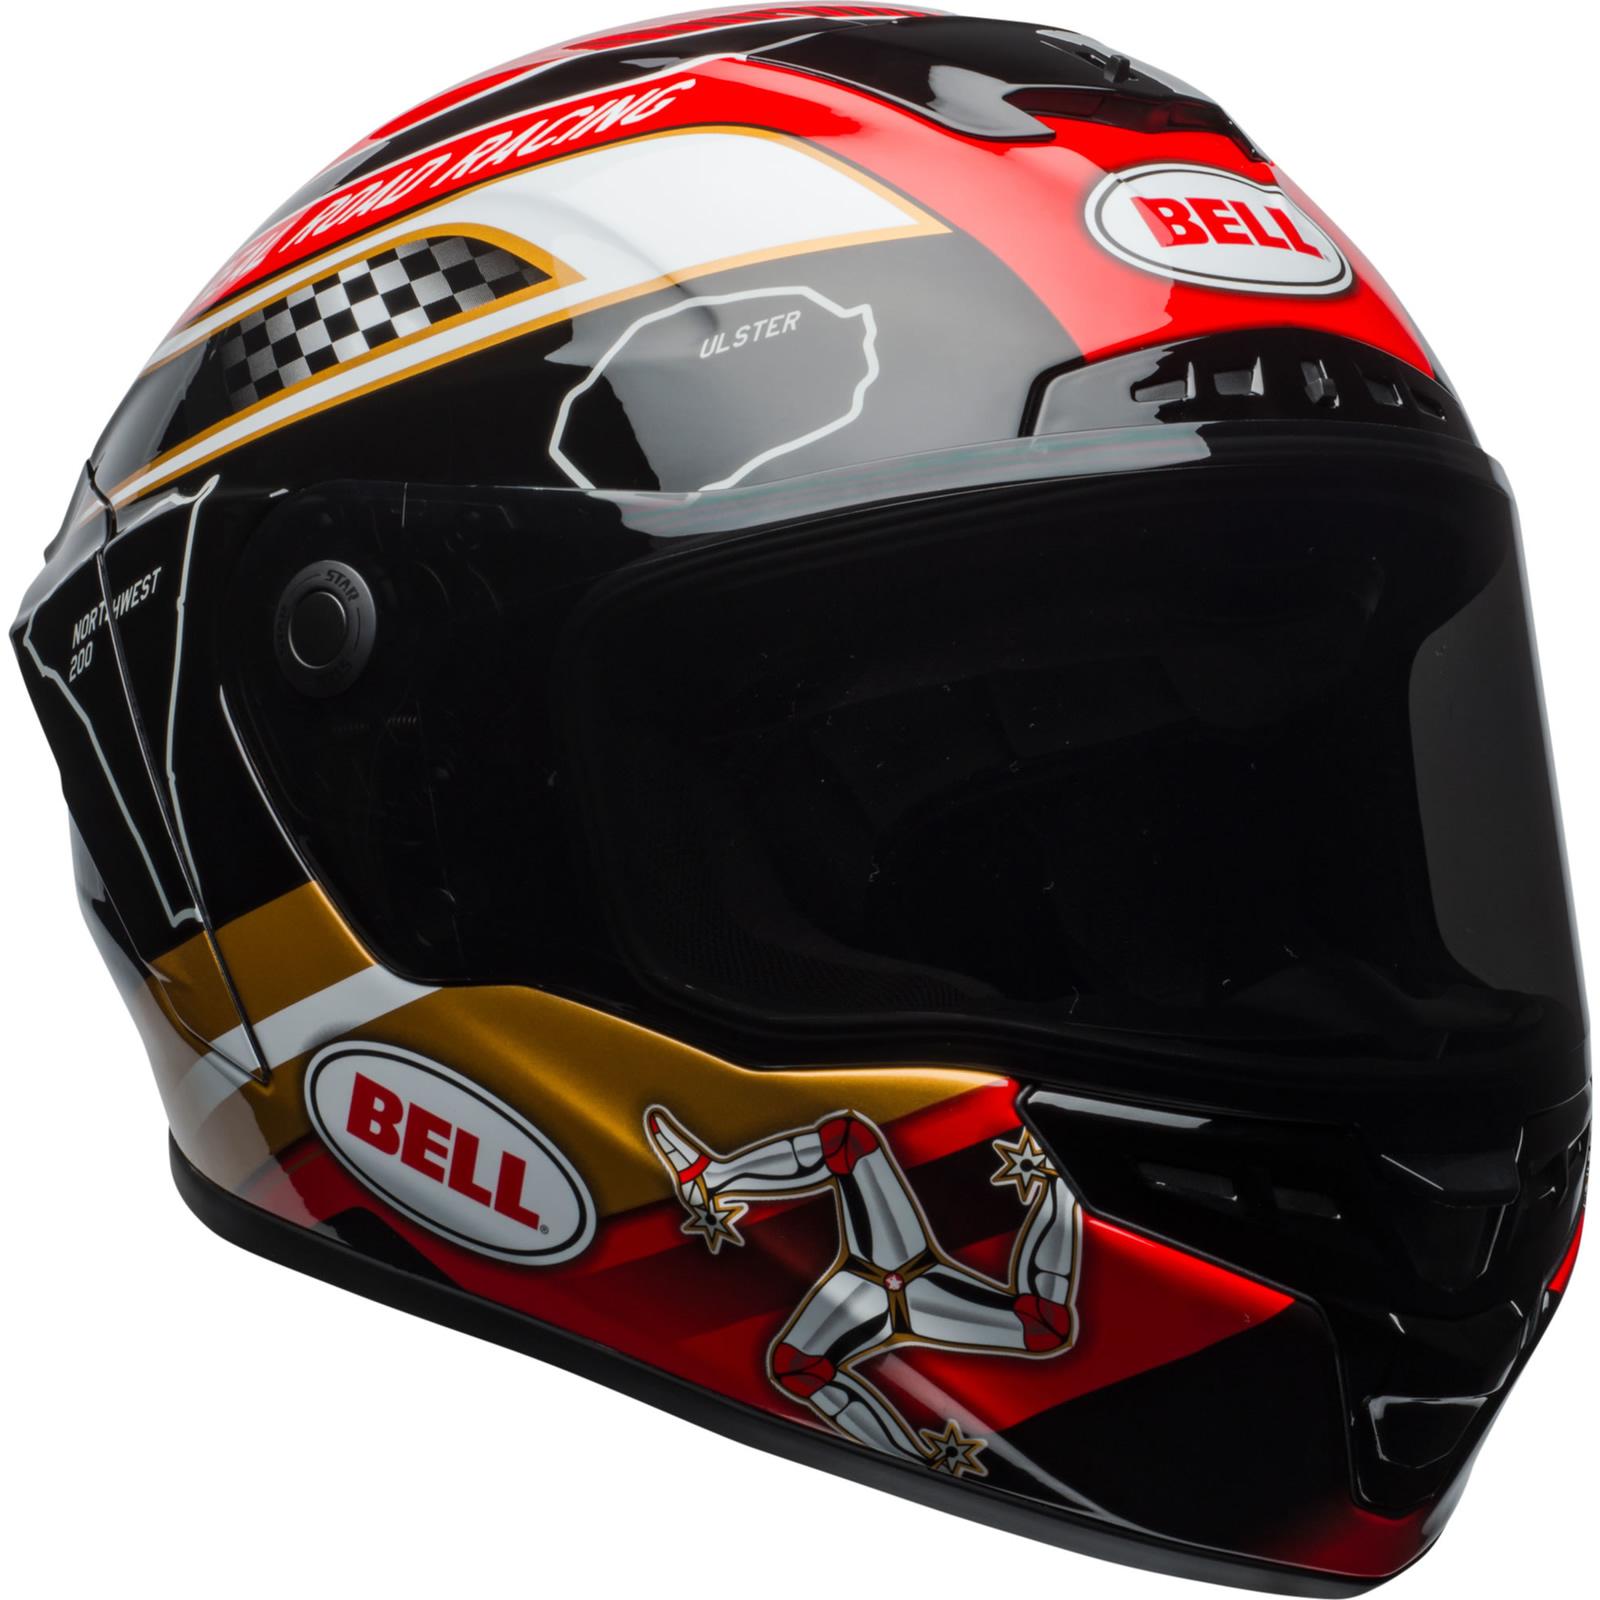 Mips Motorcycle Helmet